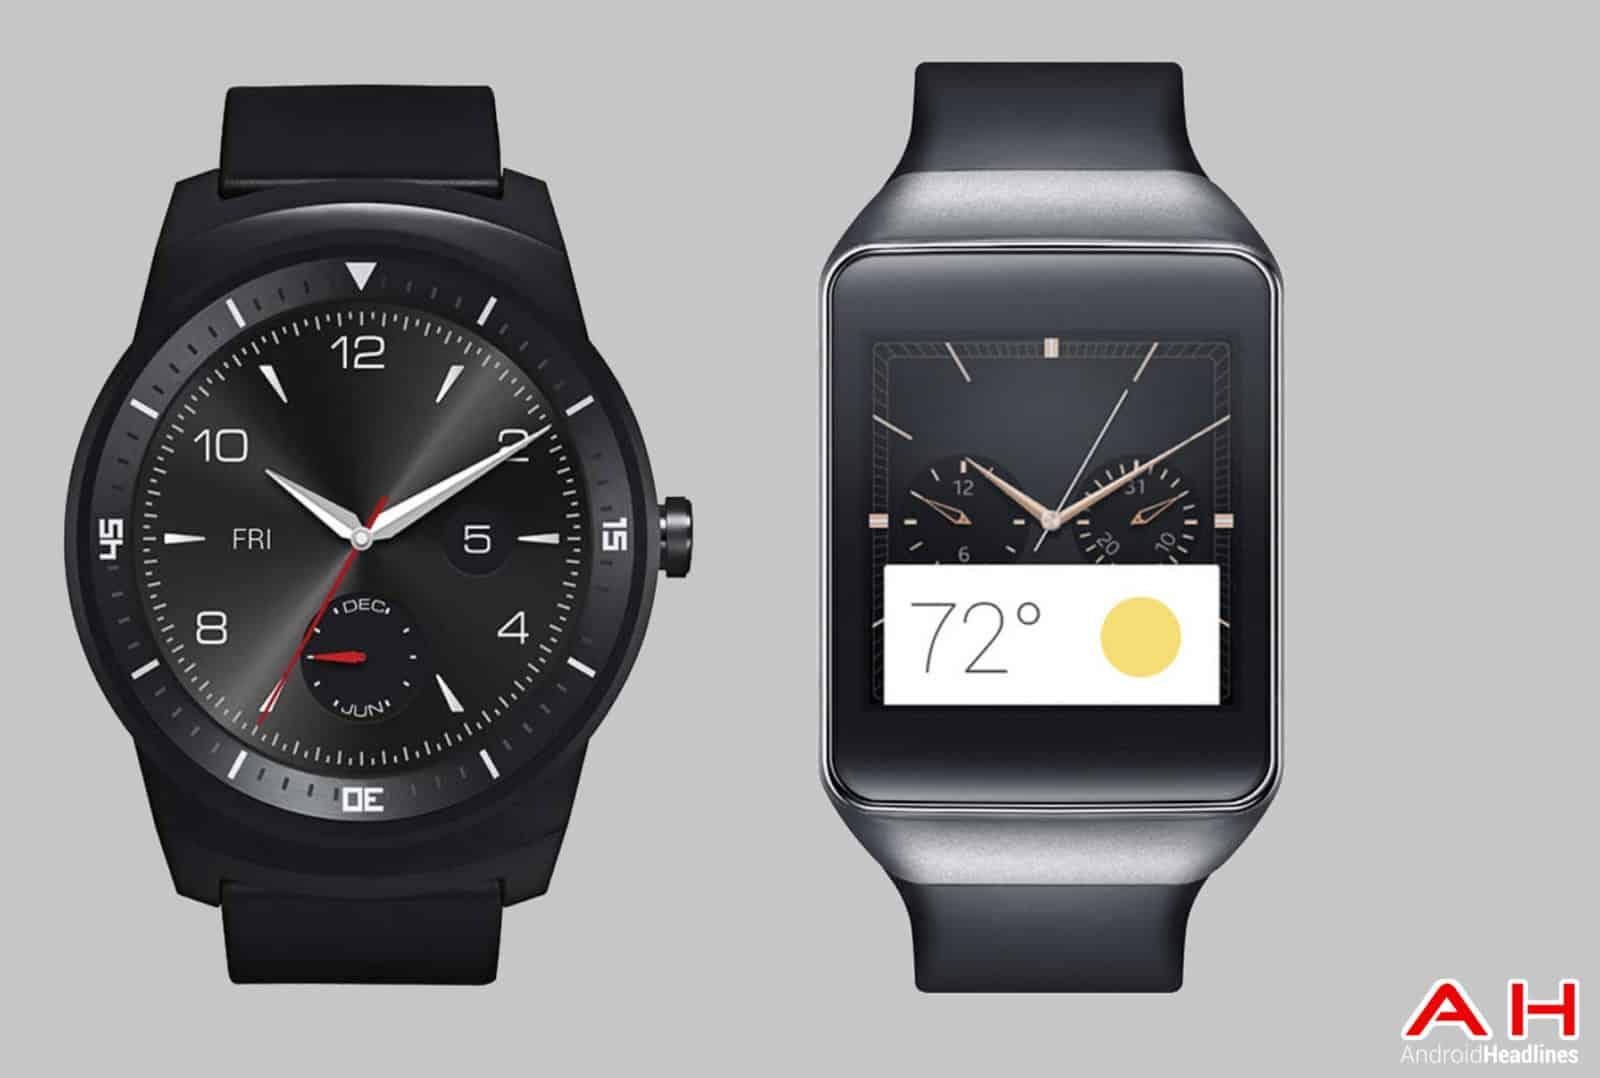 LG G Watch R vs Gear Live cam AH